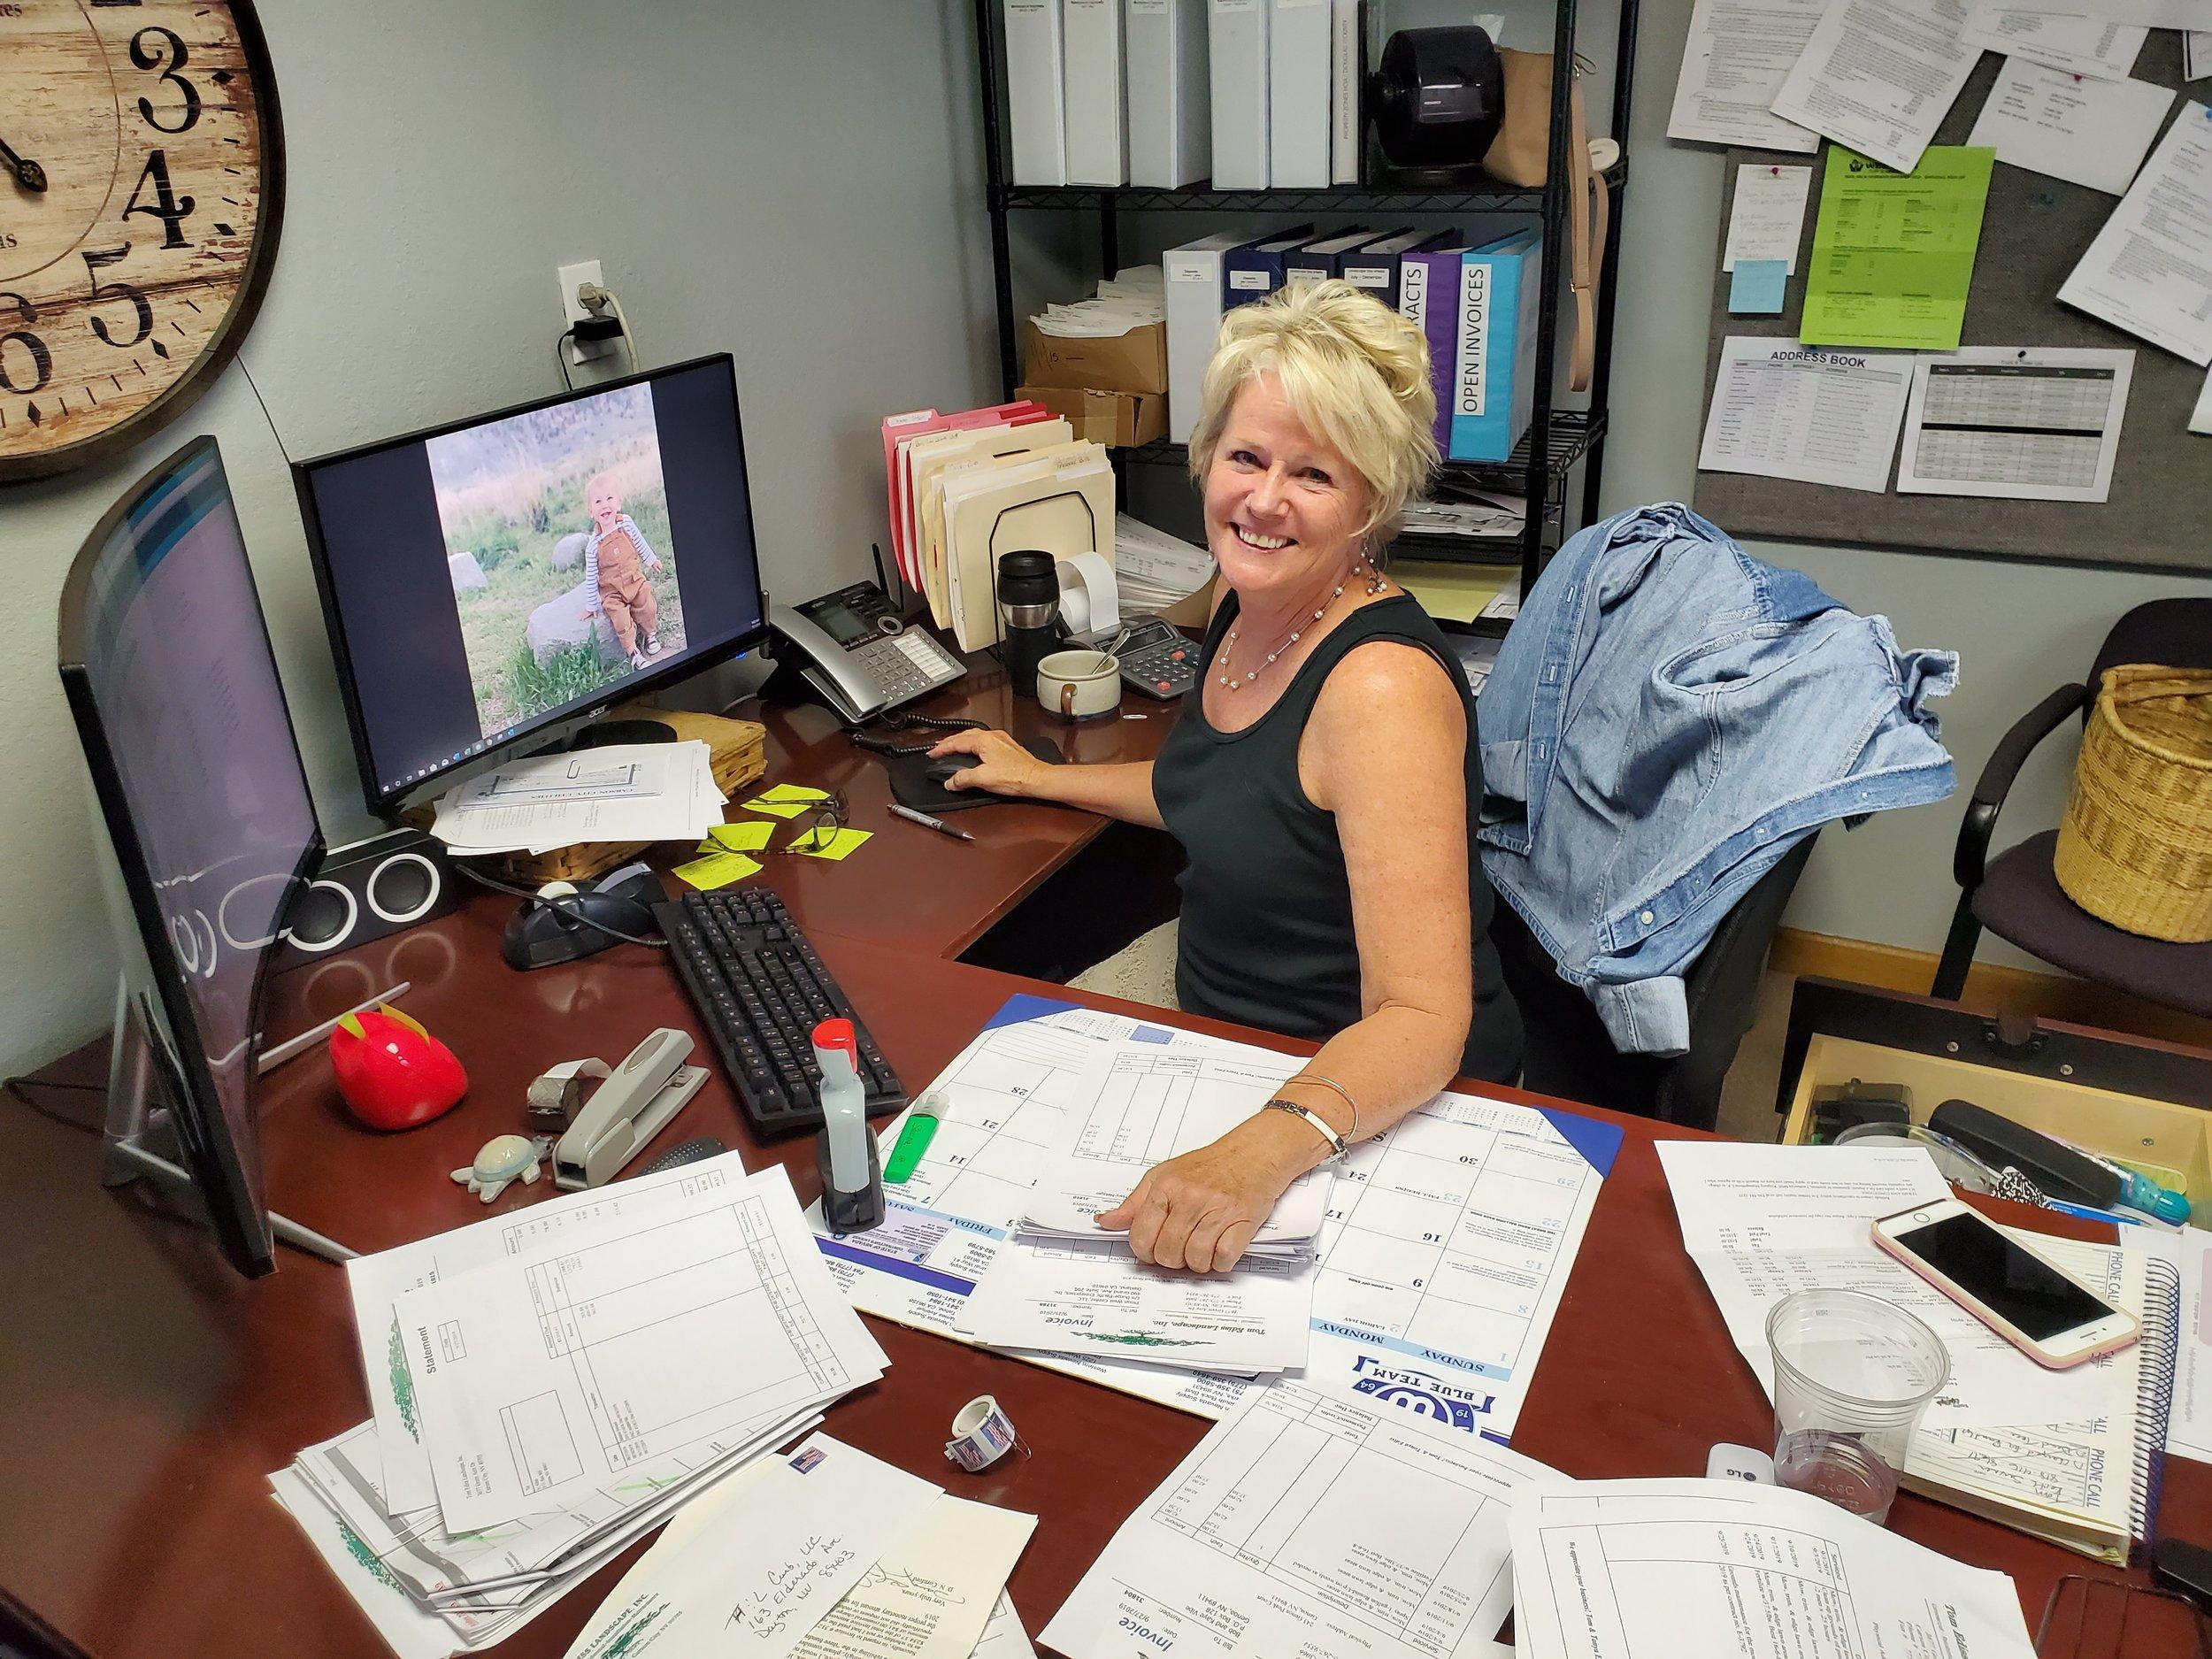 - Tonya Ediss, Office Manager(775) 267-3066; tonya@tomedisslandscape.com